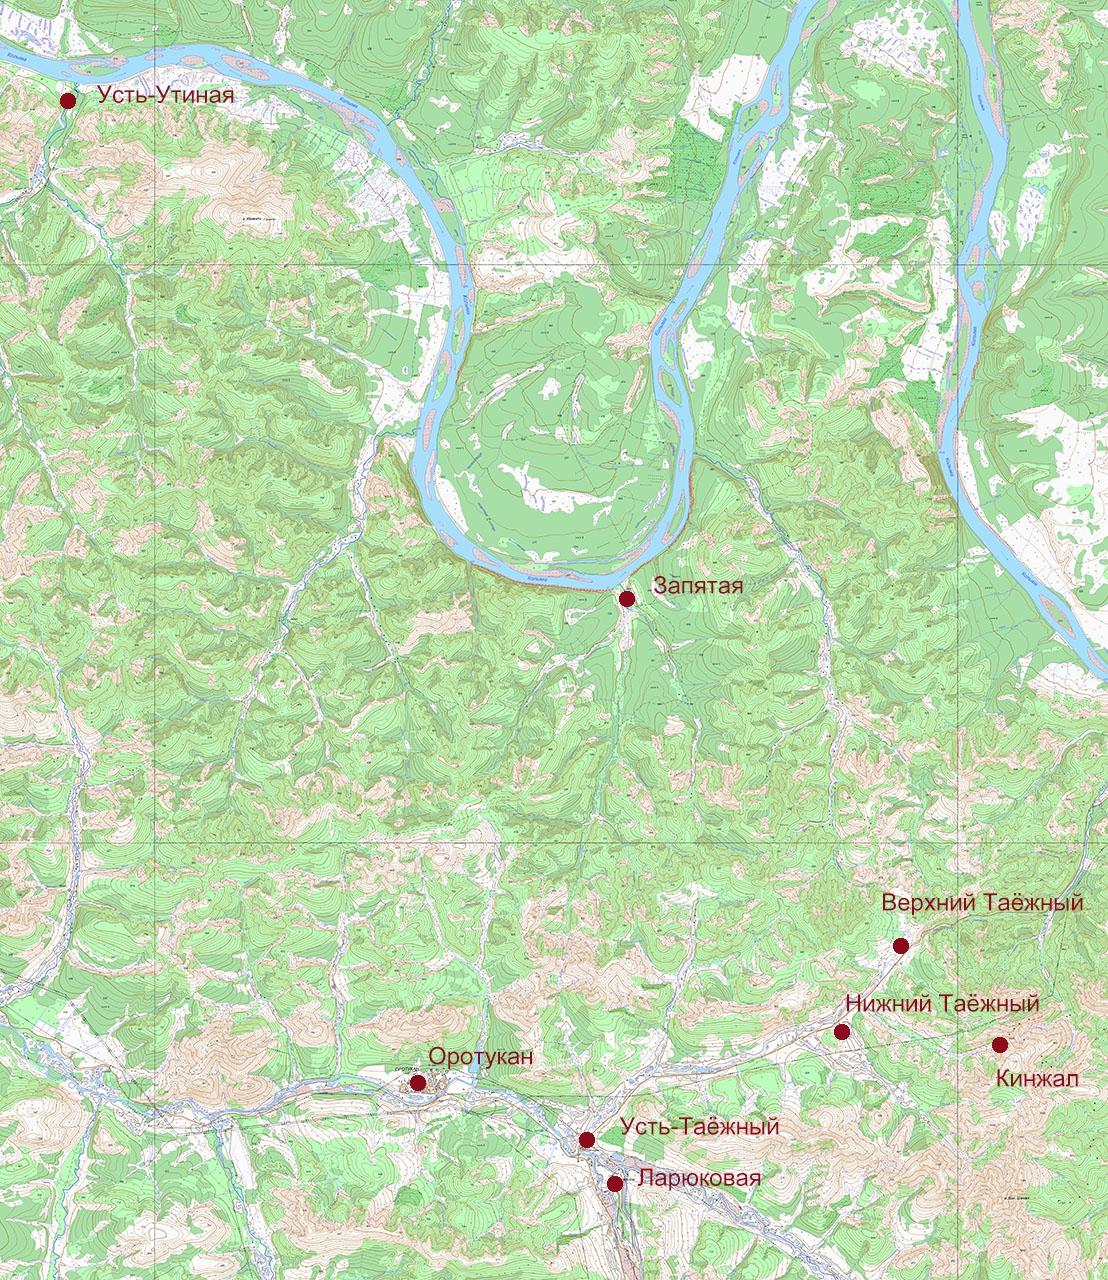 Карта расположения посёлков и объектов рудника «Кинжал».